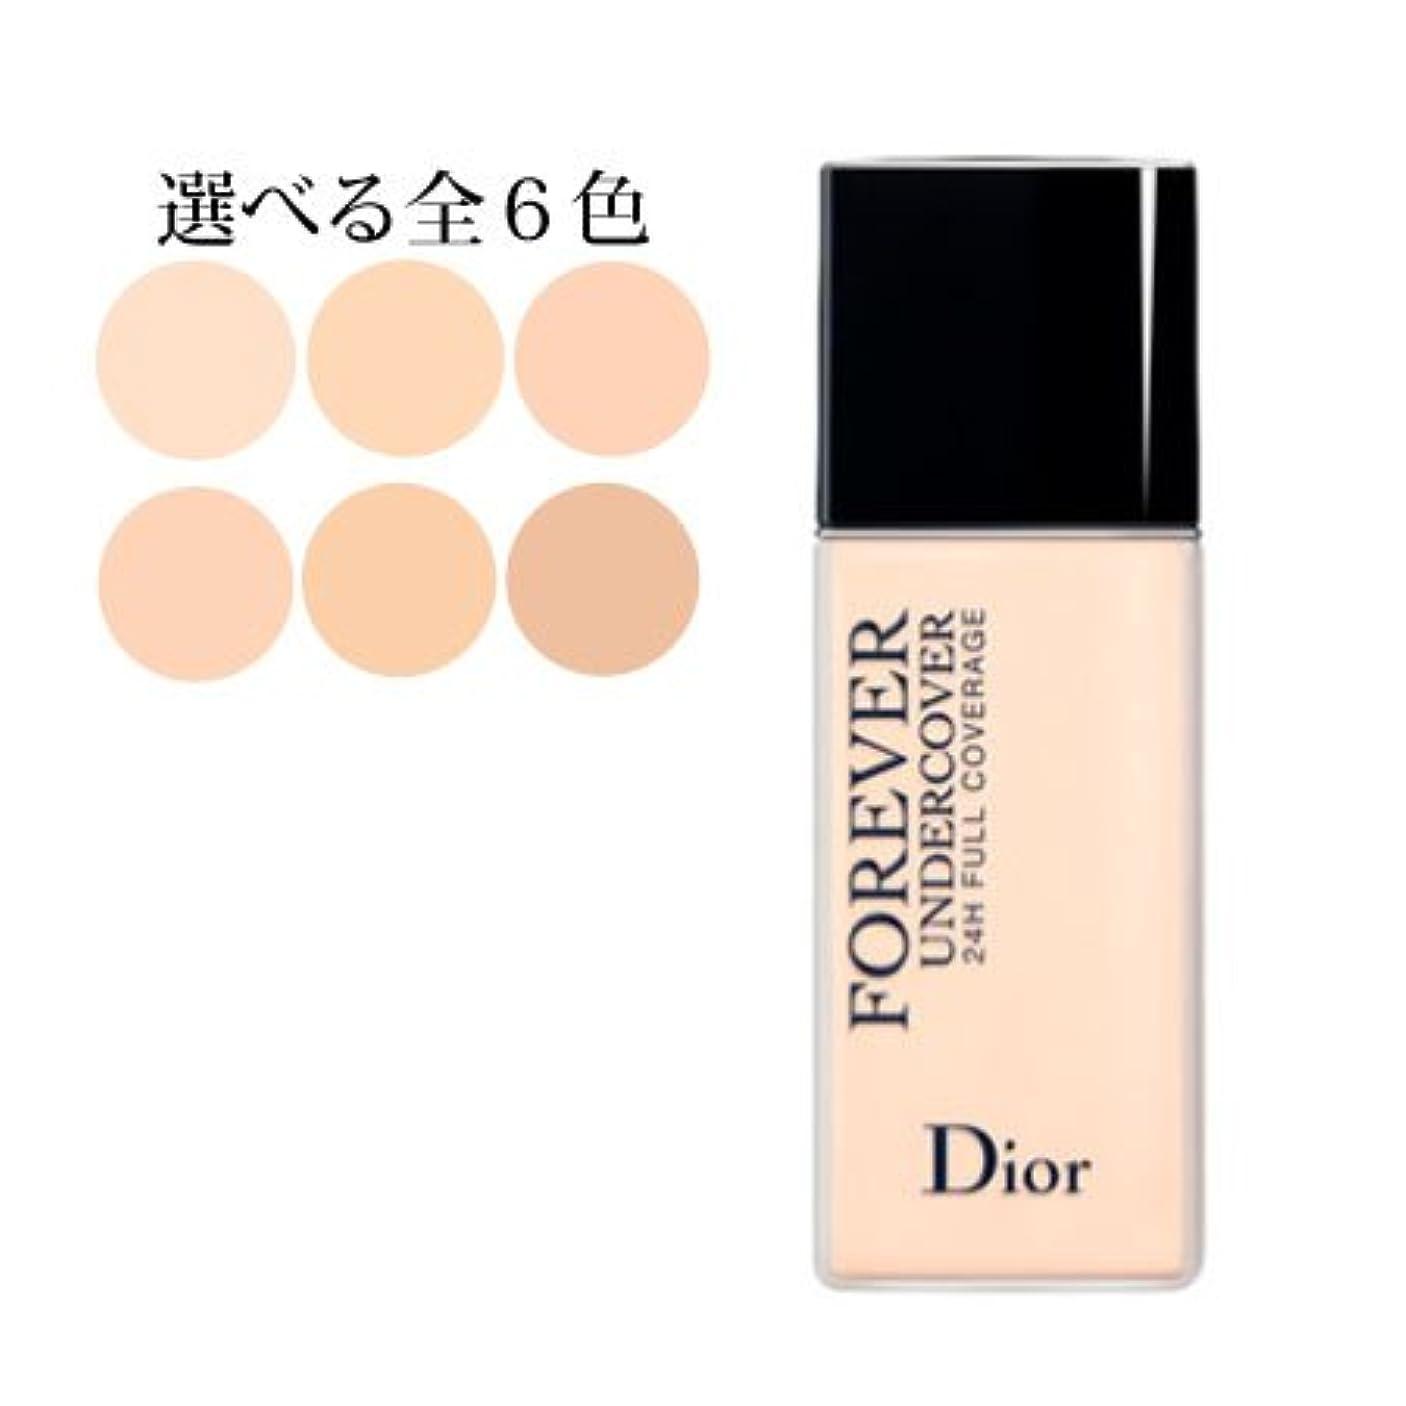 略語ダルセット酒ディオールスキン フォーエヴァー アンダーカバー 選べる6色 -Dior- 020